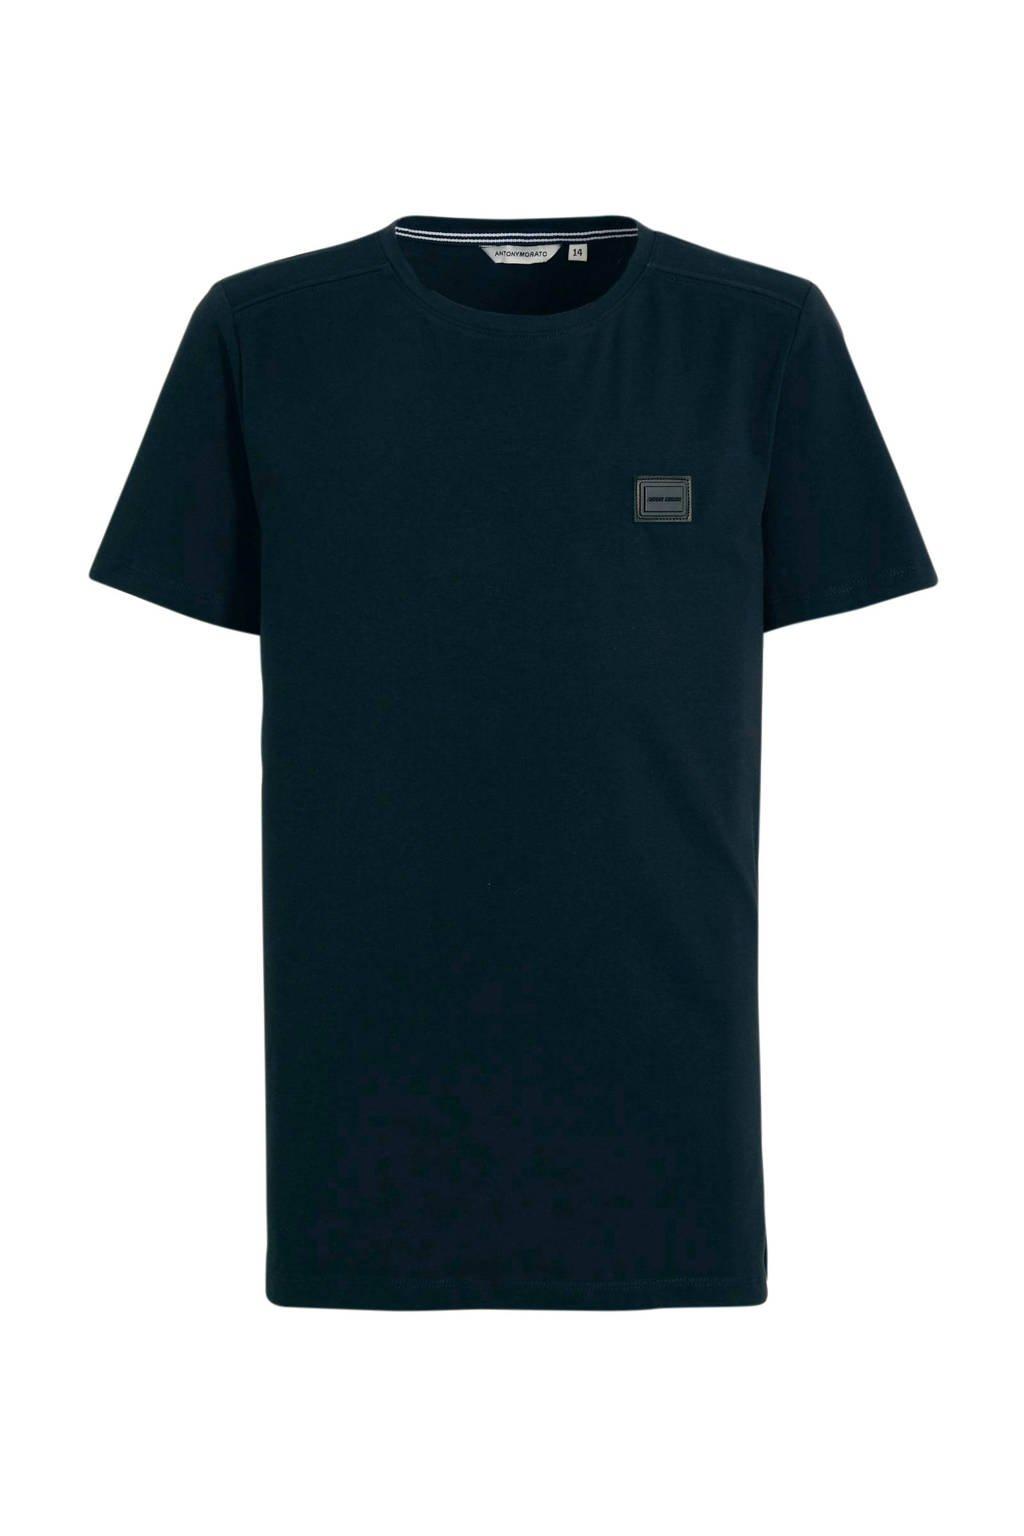 Antony Morato T-shirt met 3D applicatie donkerblauw, Donkerblauw